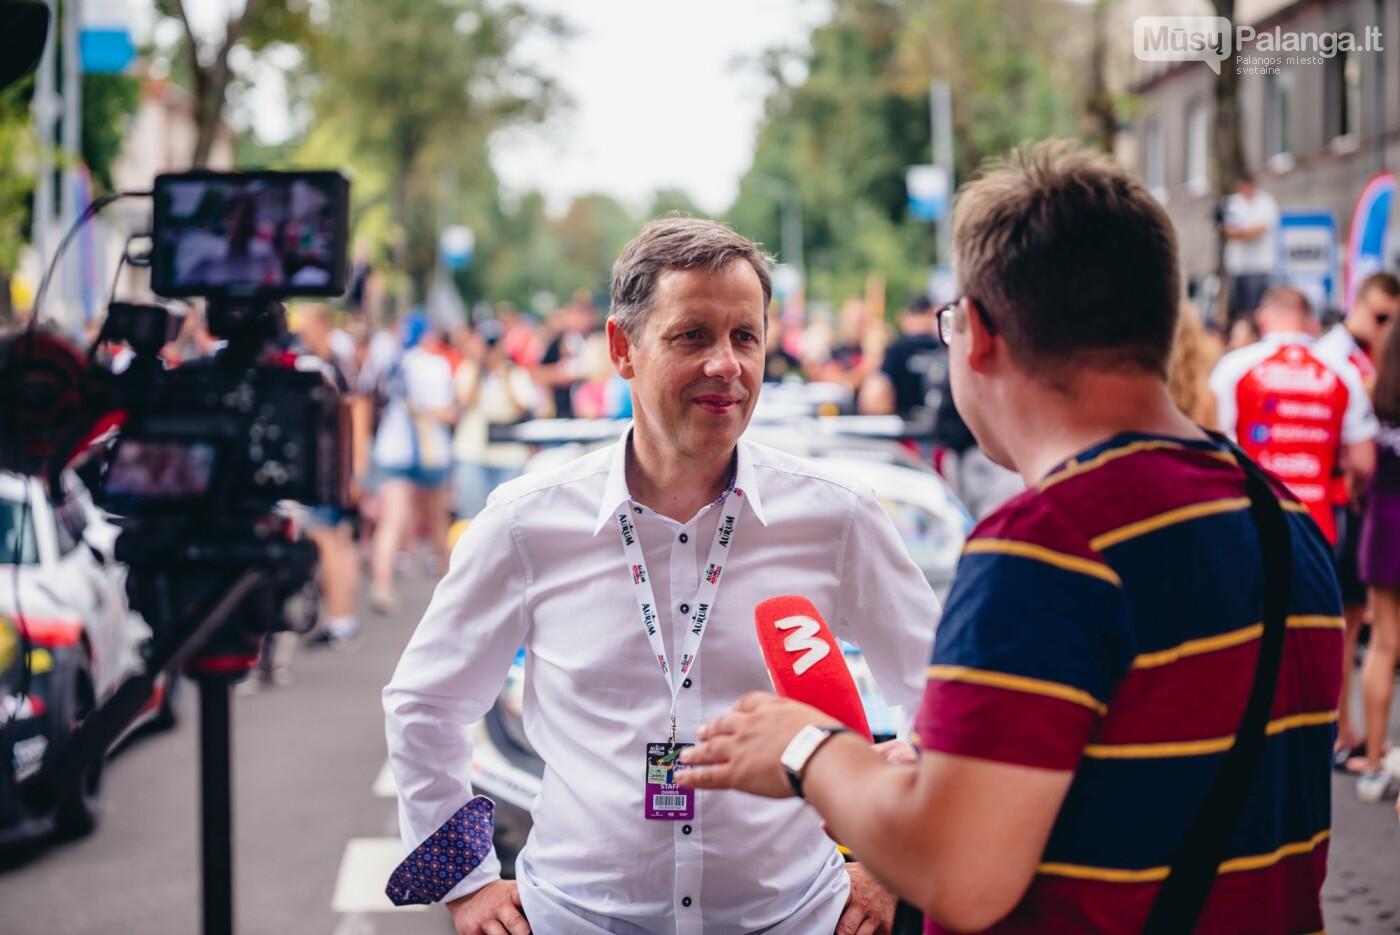 """2022-ųjų liepos vidury Palangą drebins 23-osios """"Aurum 1006 km lenktynės"""", nuotrauka-7, Vytauto PILKAUSKO nuotr."""